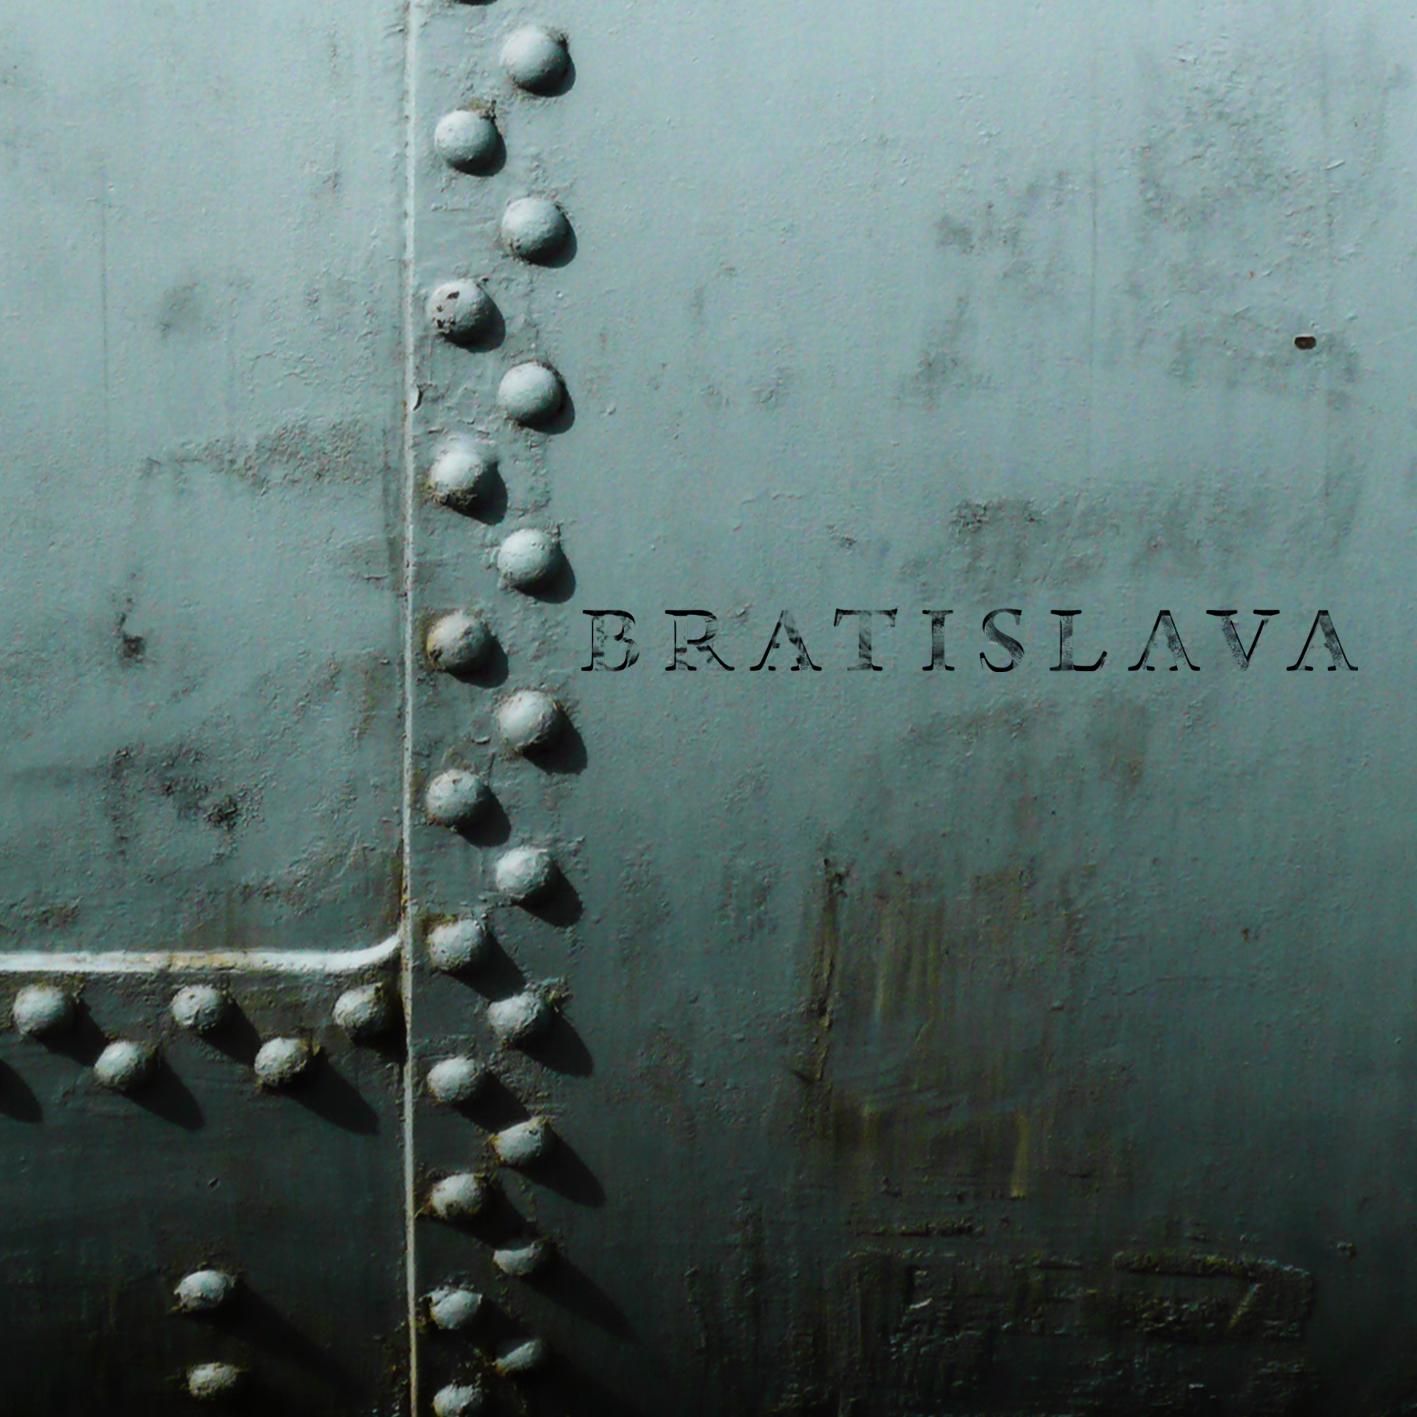 Bratislava_arte_de_tapa